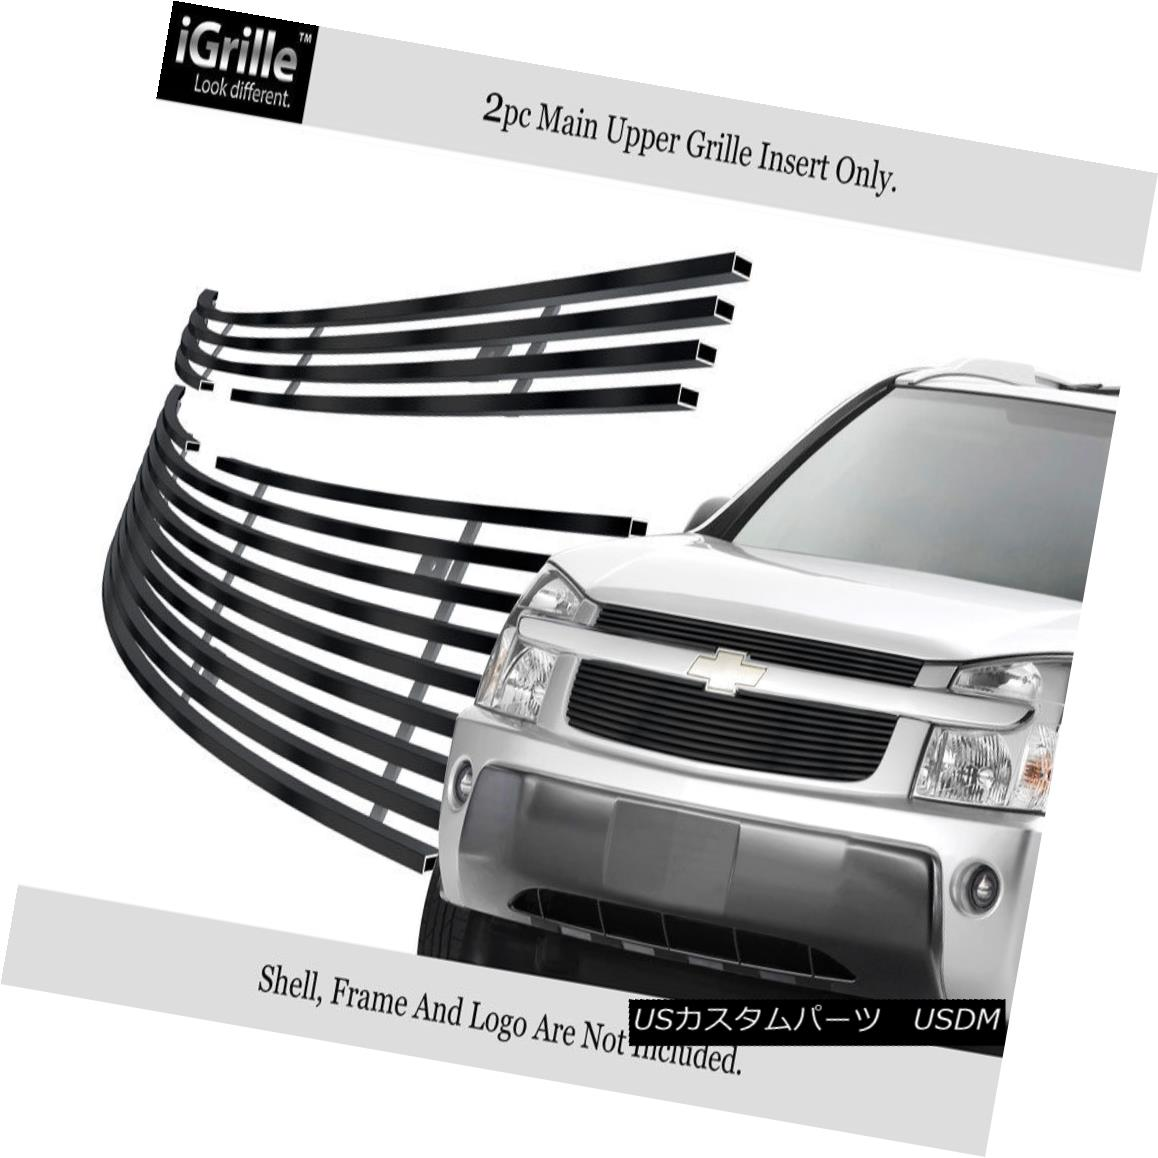 グリル Fits 2005-2009 Chevy Equinox Stainles Steel Black Billet Grille Insert 2005-2009 Chevy Equinoxステンレススチールブラックビレットグリルインサートに適合